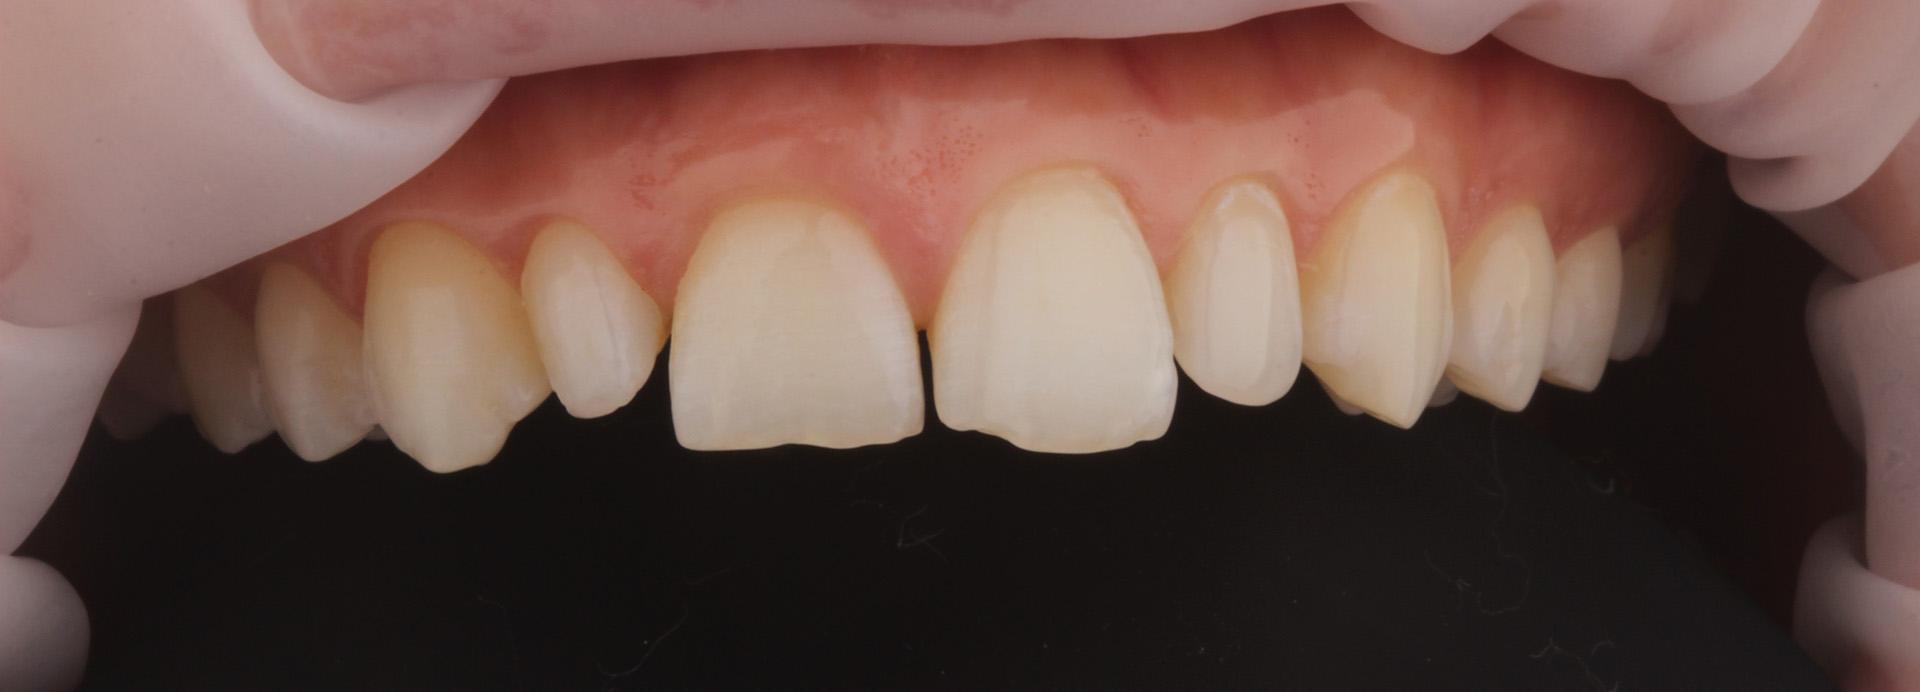 Зубы до установки виниров